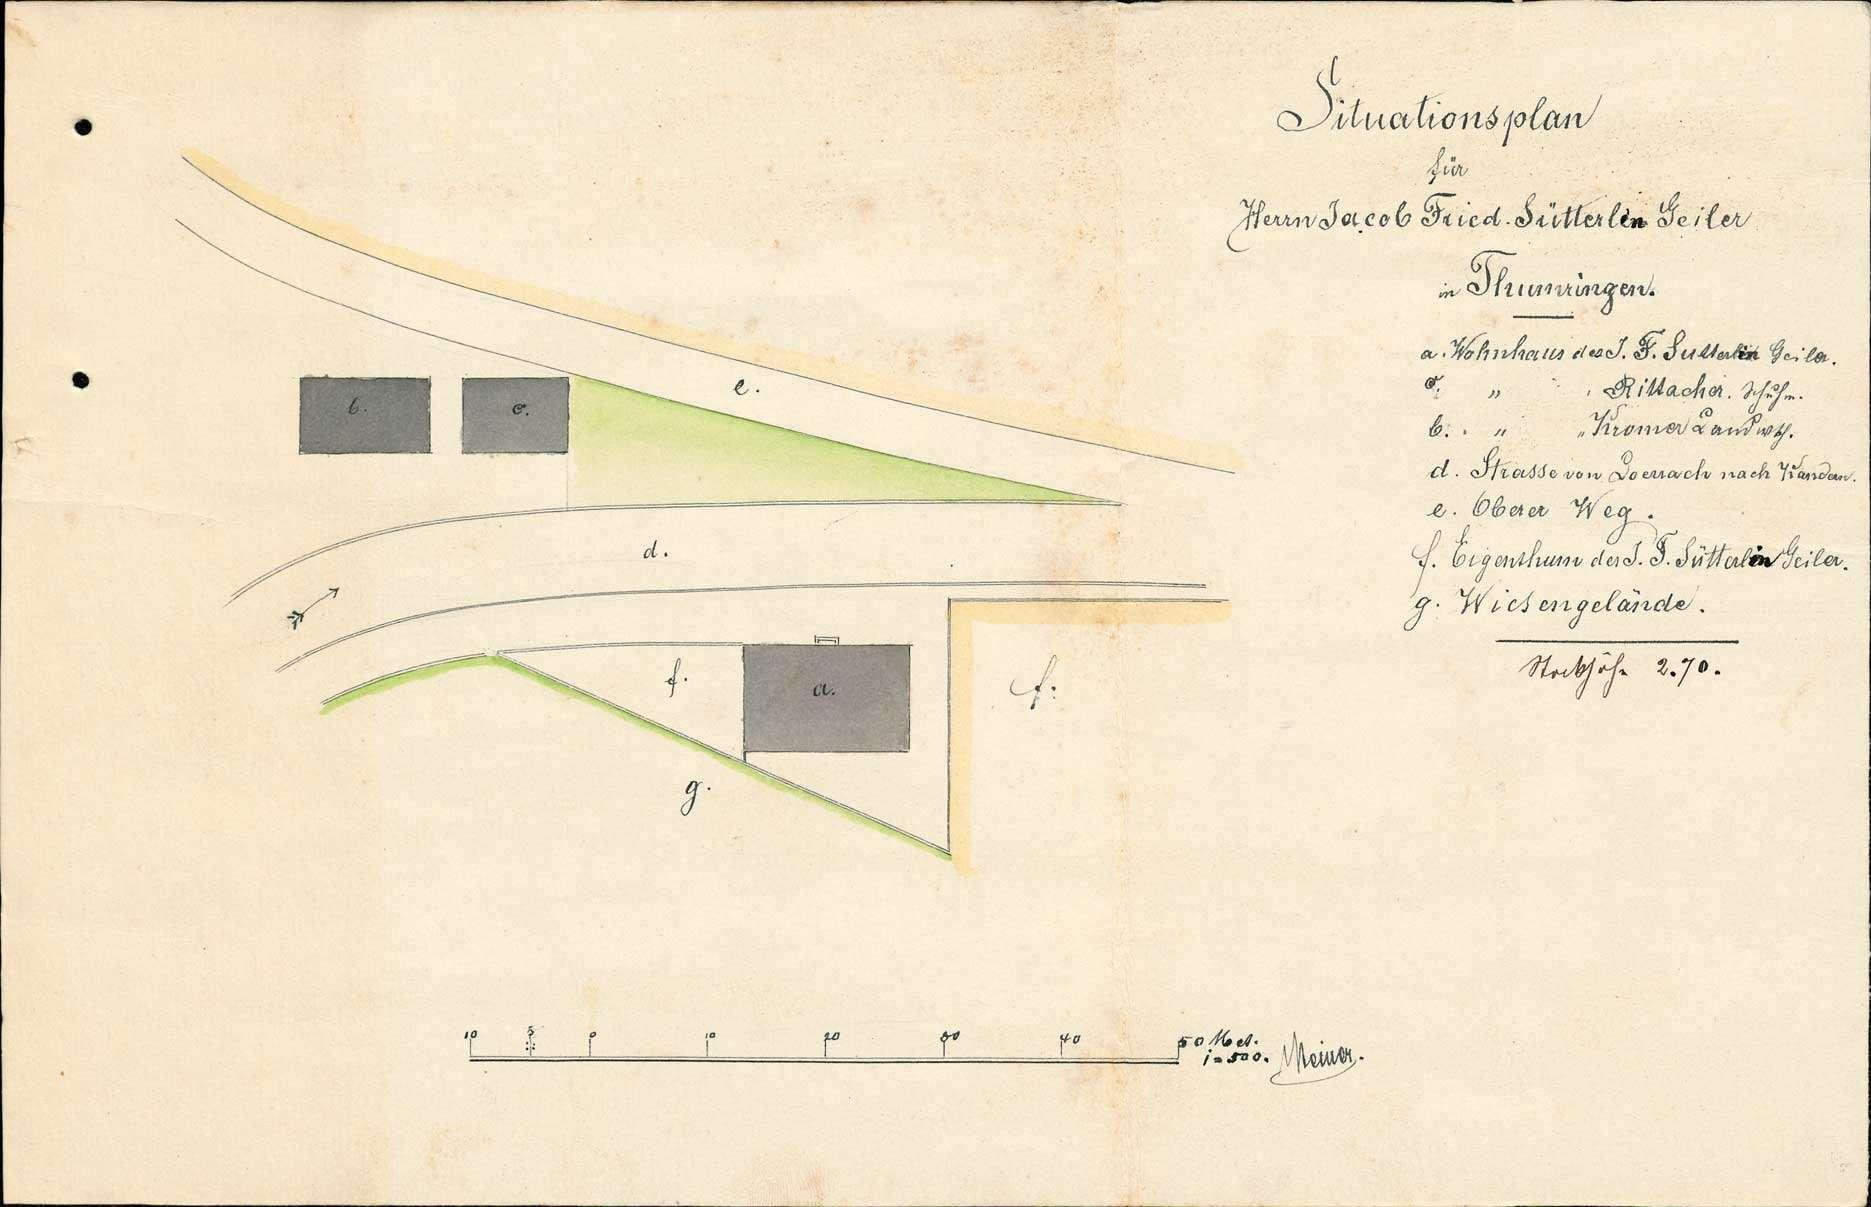 Errichtung einer Schankwirtschaft in Tumringen durch Johann Friedrich Sütterlin, Bild 1